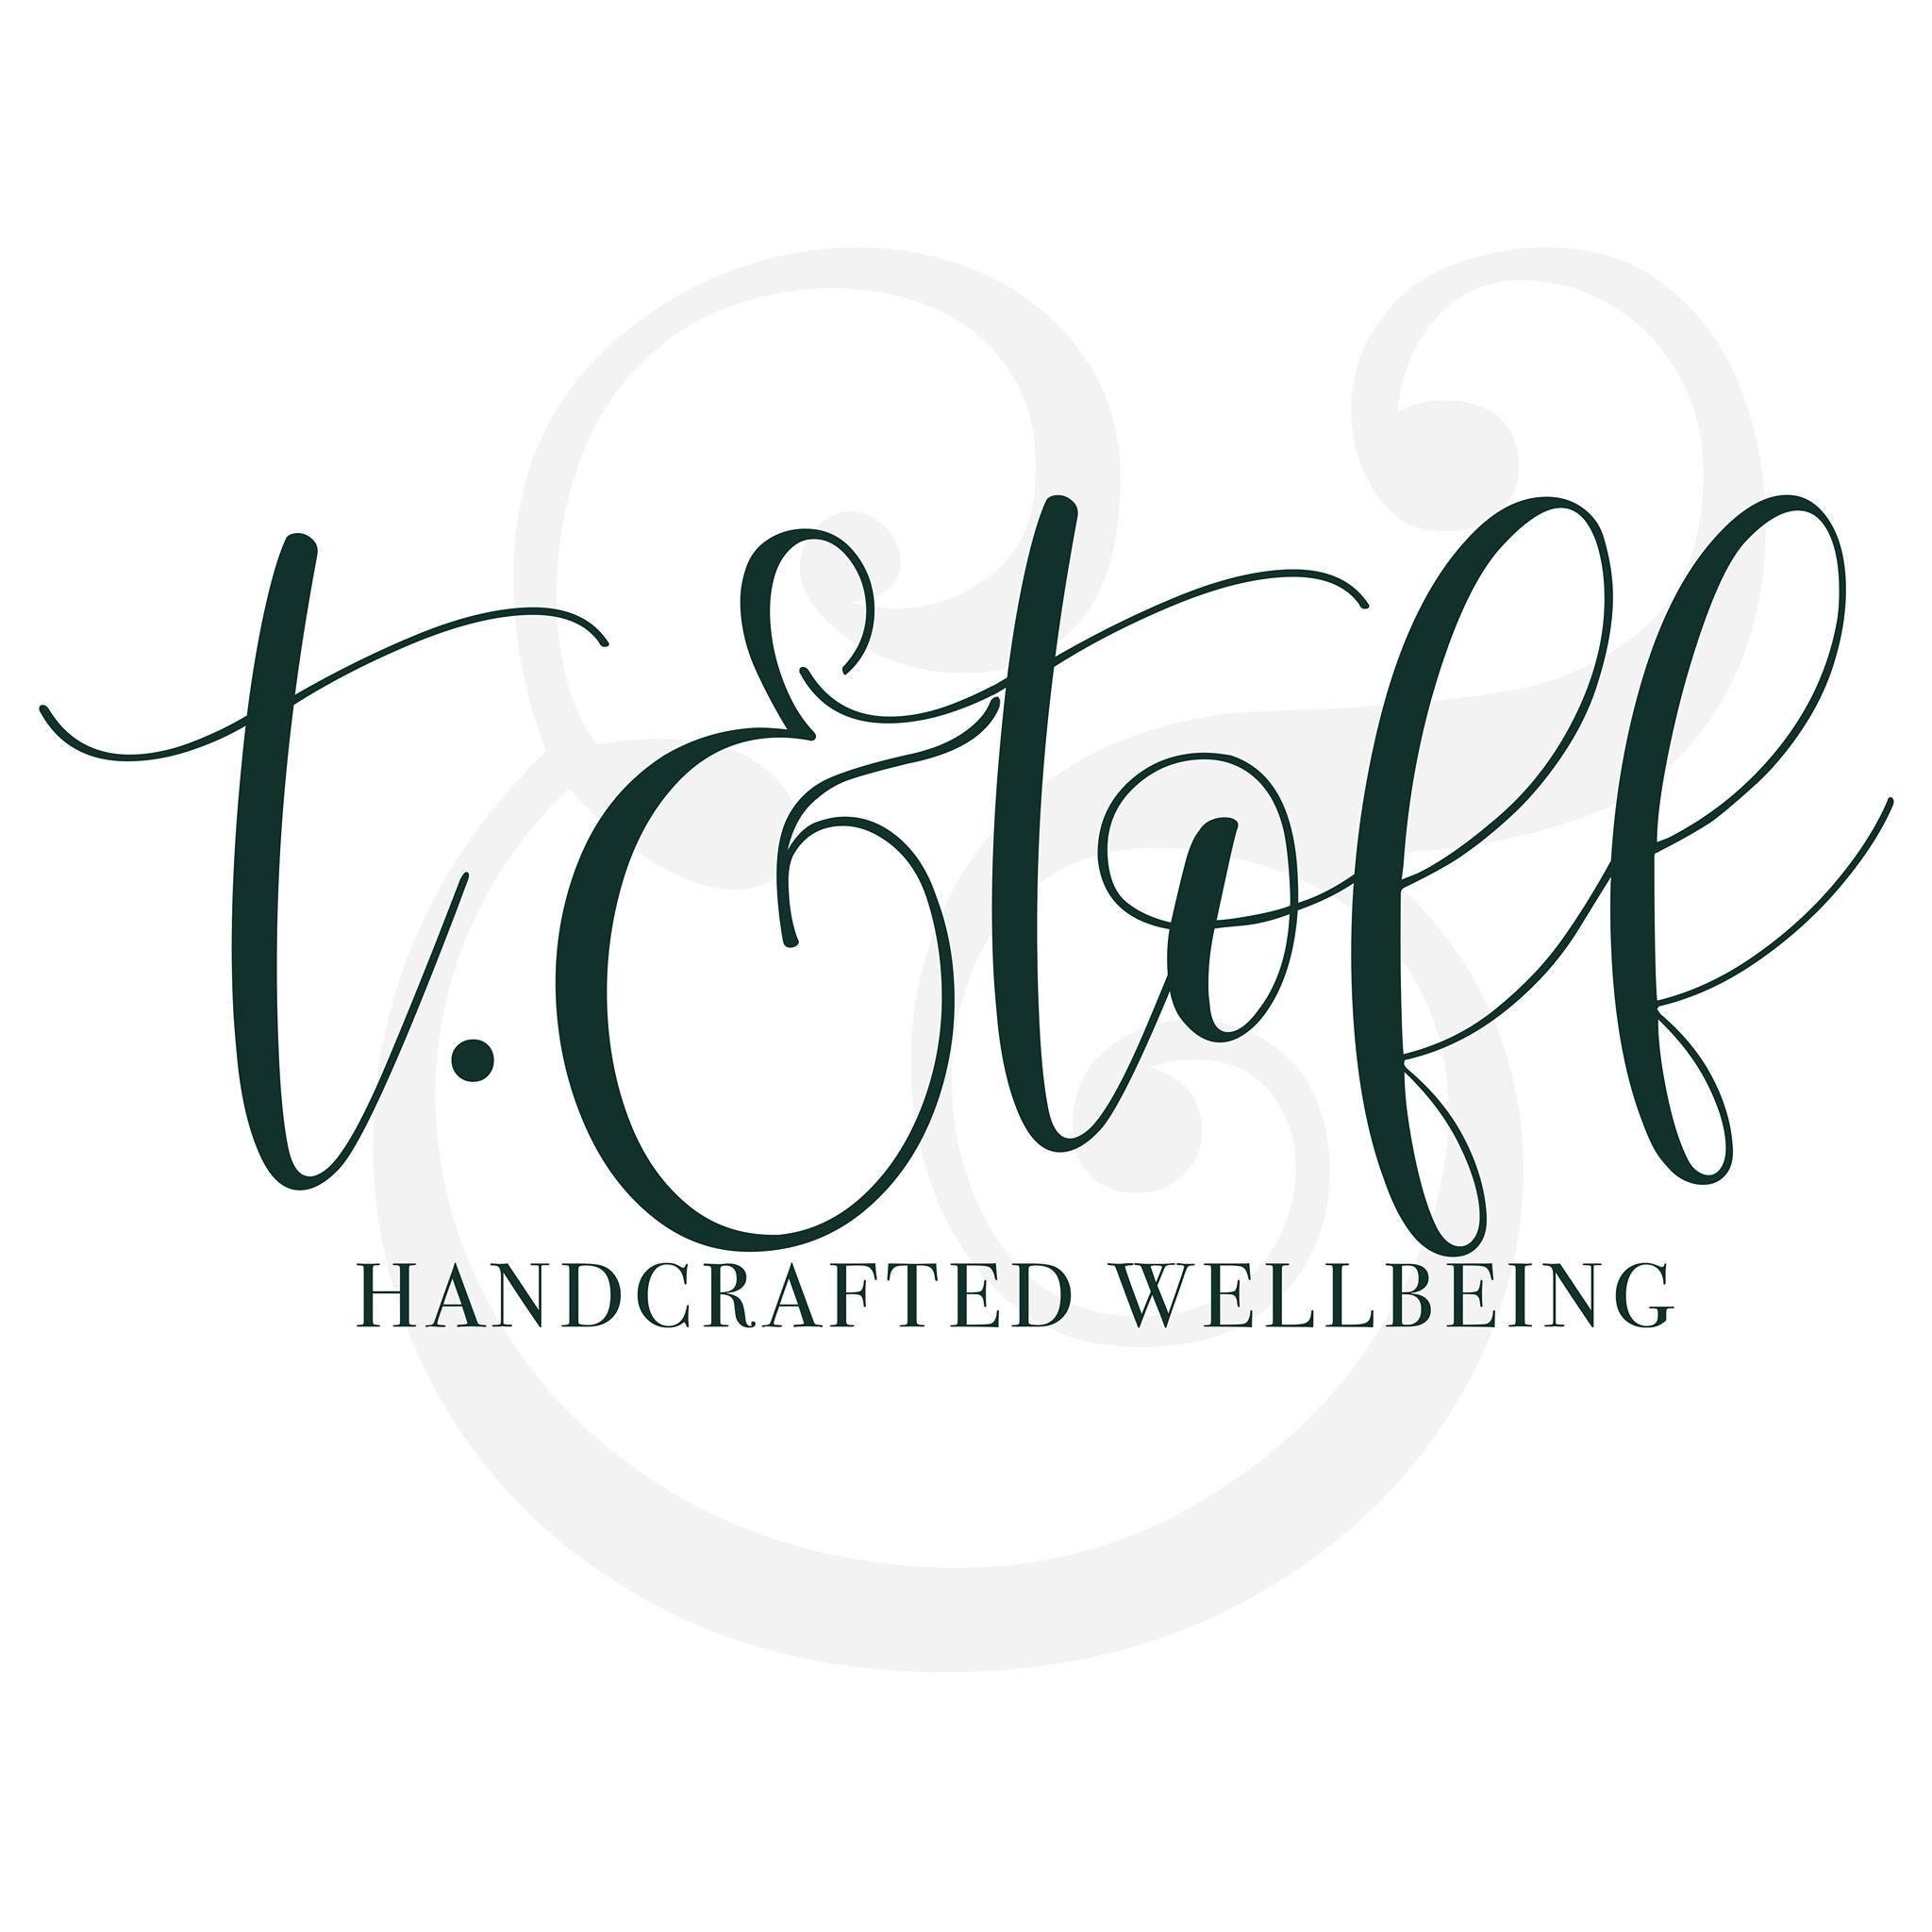 t-toff-logo.jpg